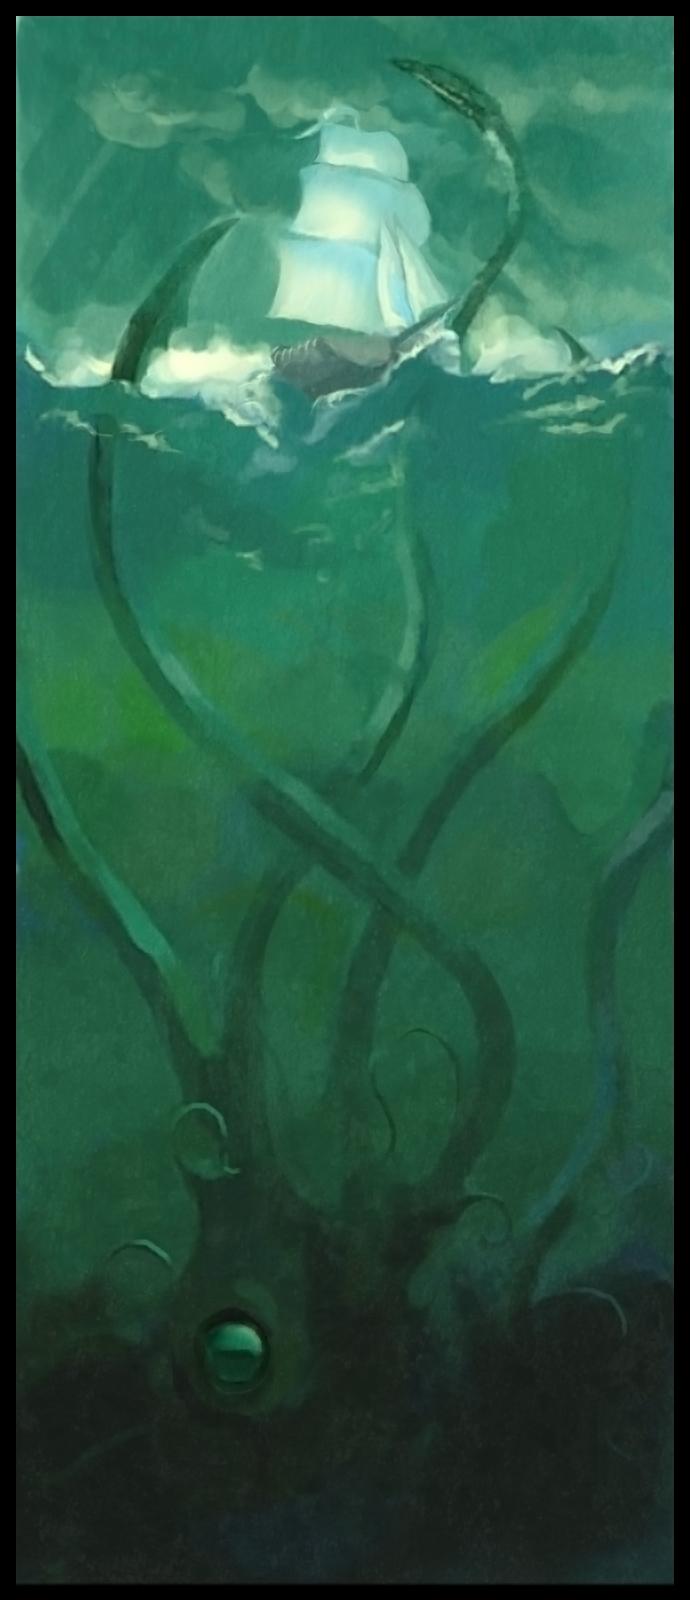 Kraken by heteroerectus on DeviantArt